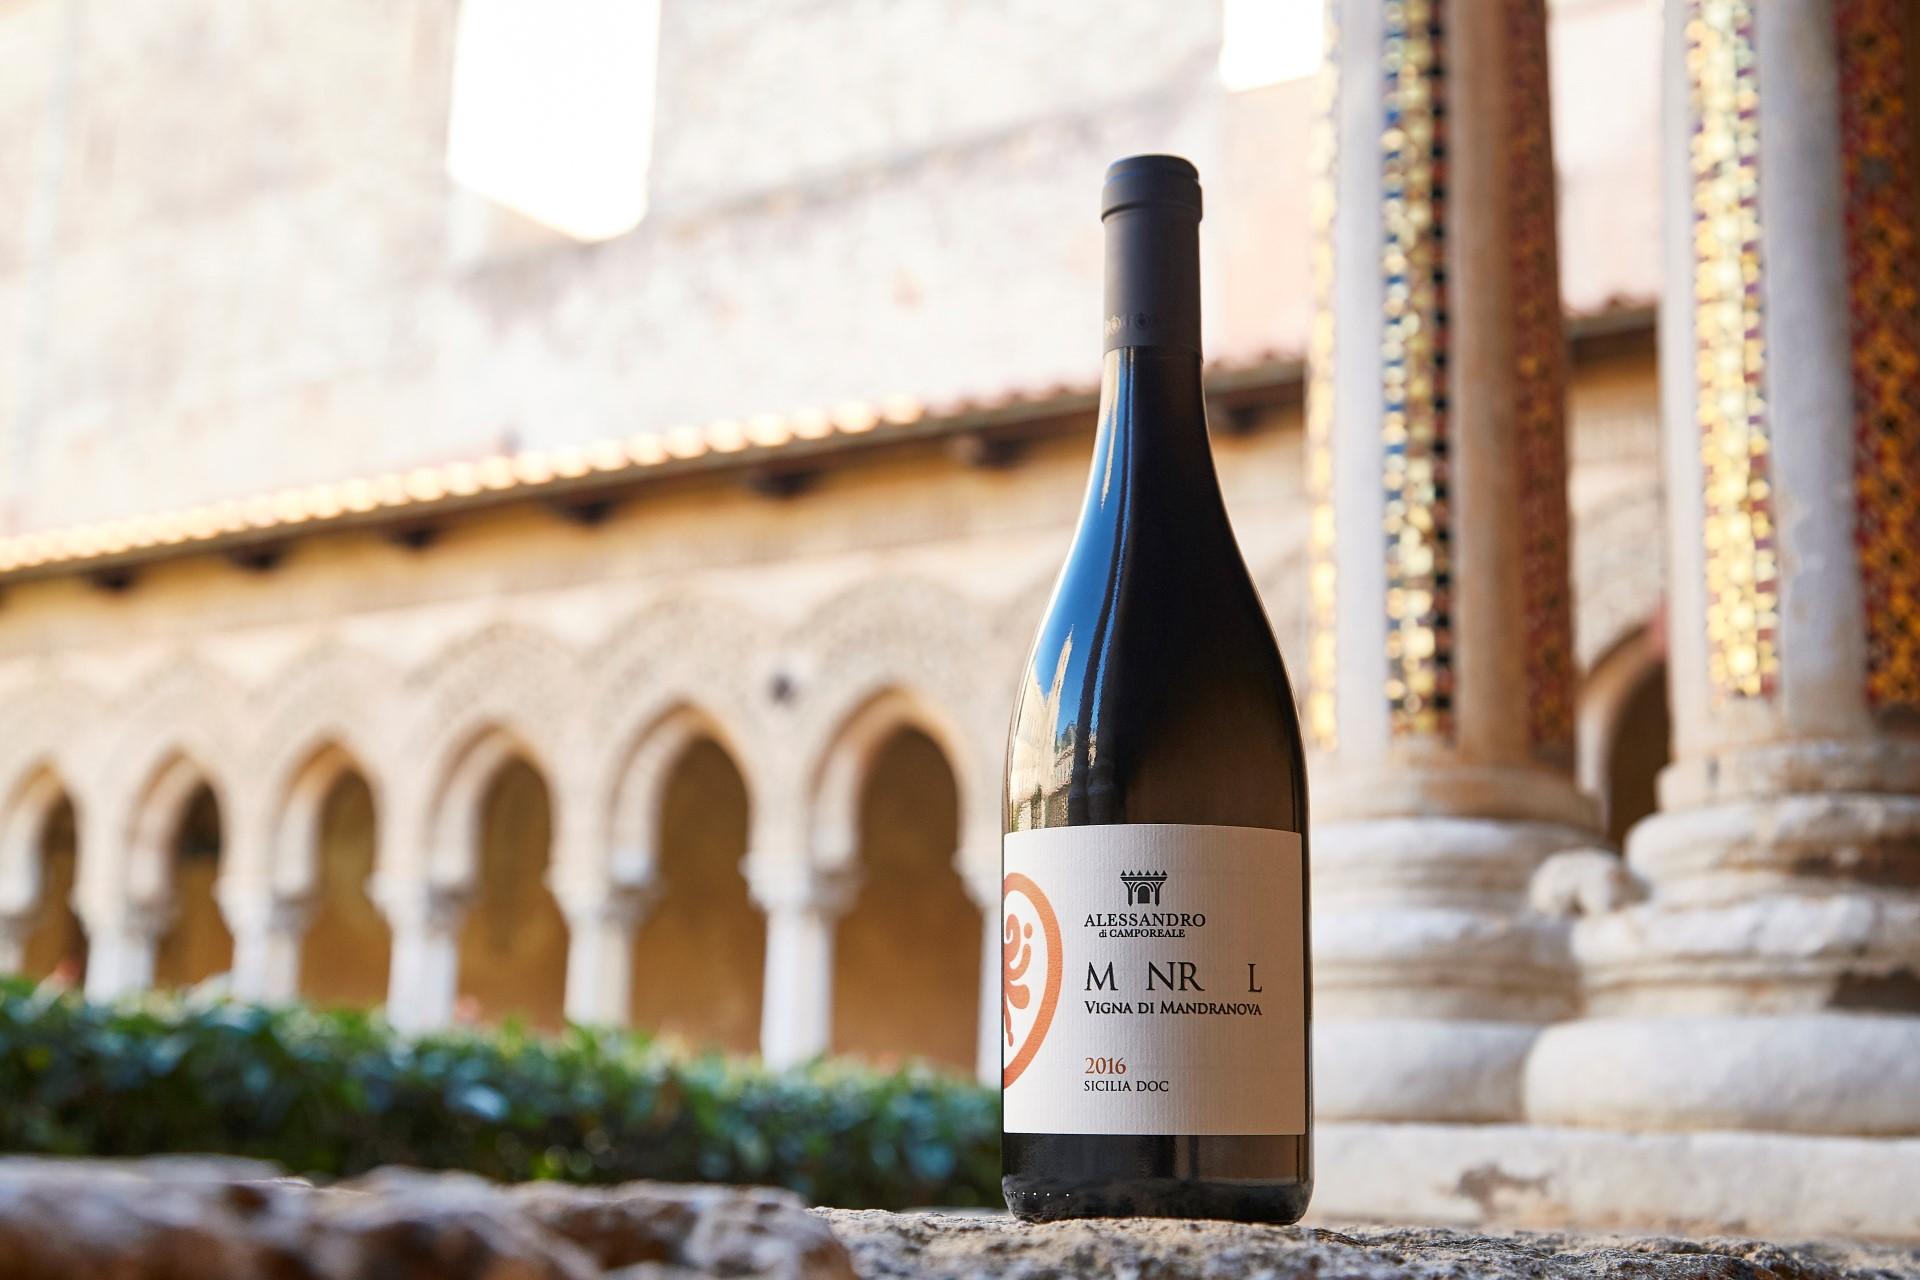 Presentato MNRL, il nuovo Cru di Syrah di Alessandro di Camporeale | Sicilia da Gustare